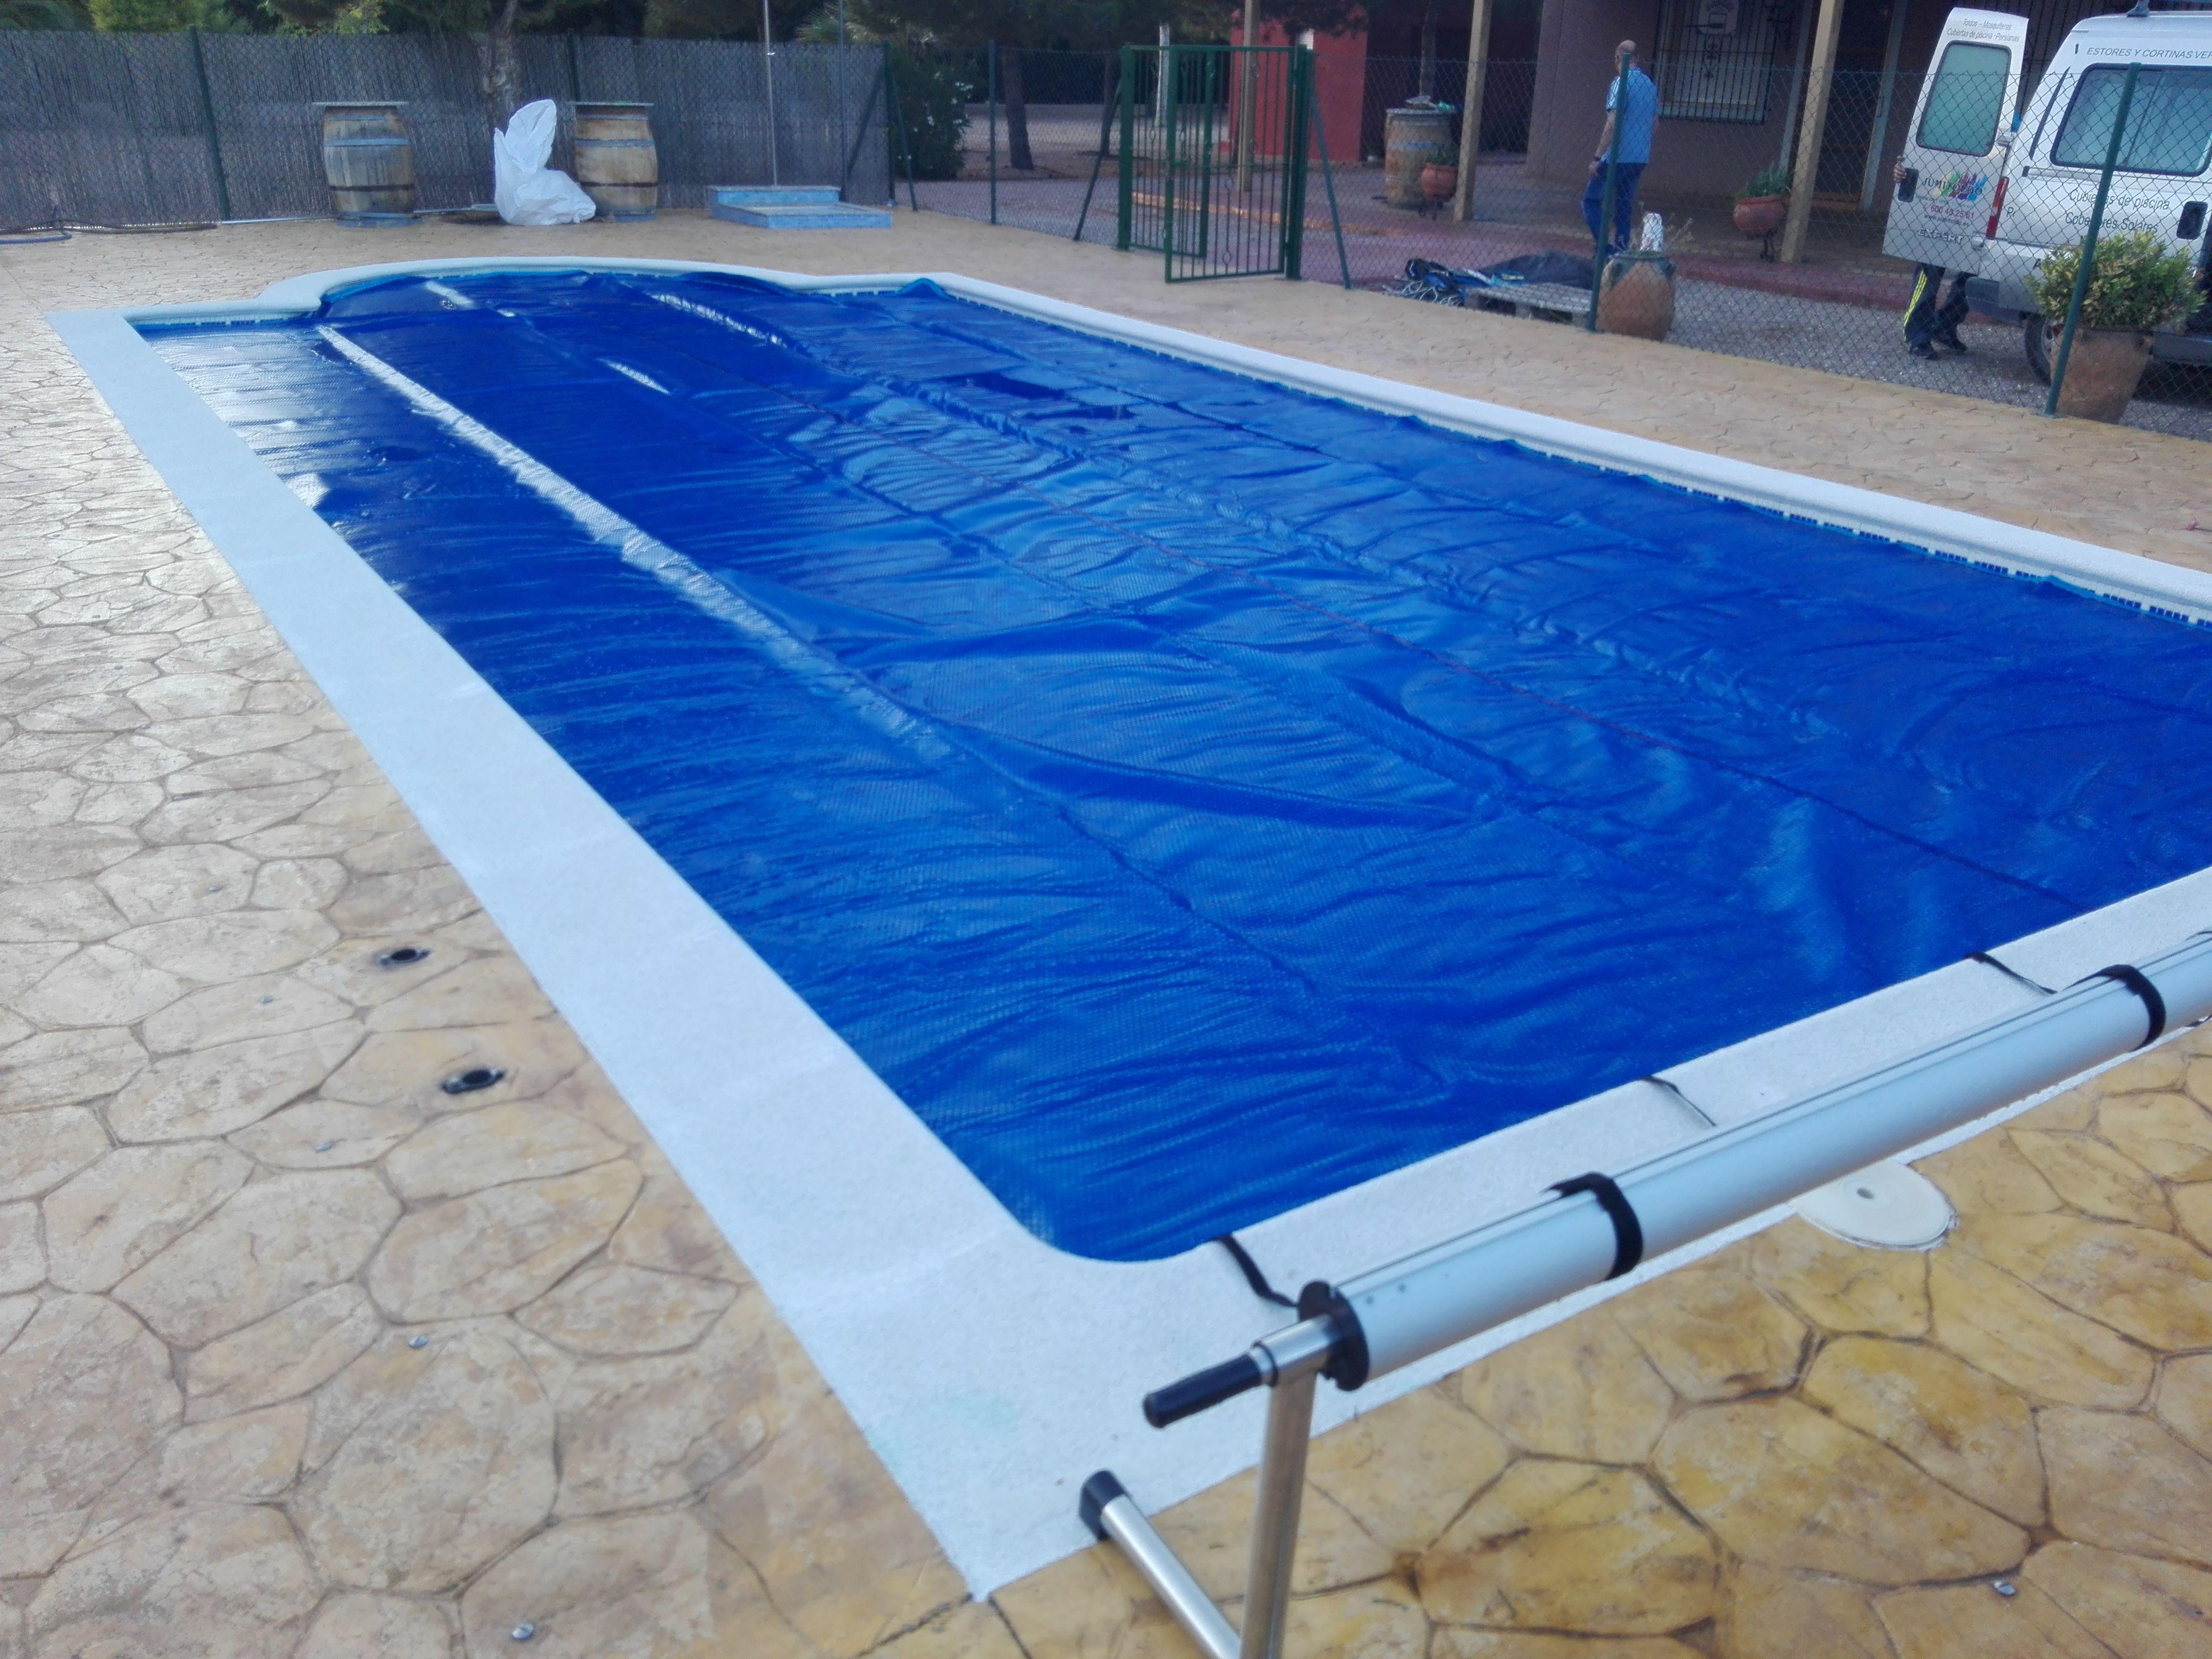 Mantas termicas de burbujas lona de burbujas cobertores solares lona de piscina - Mantas termicas para piscinas ...